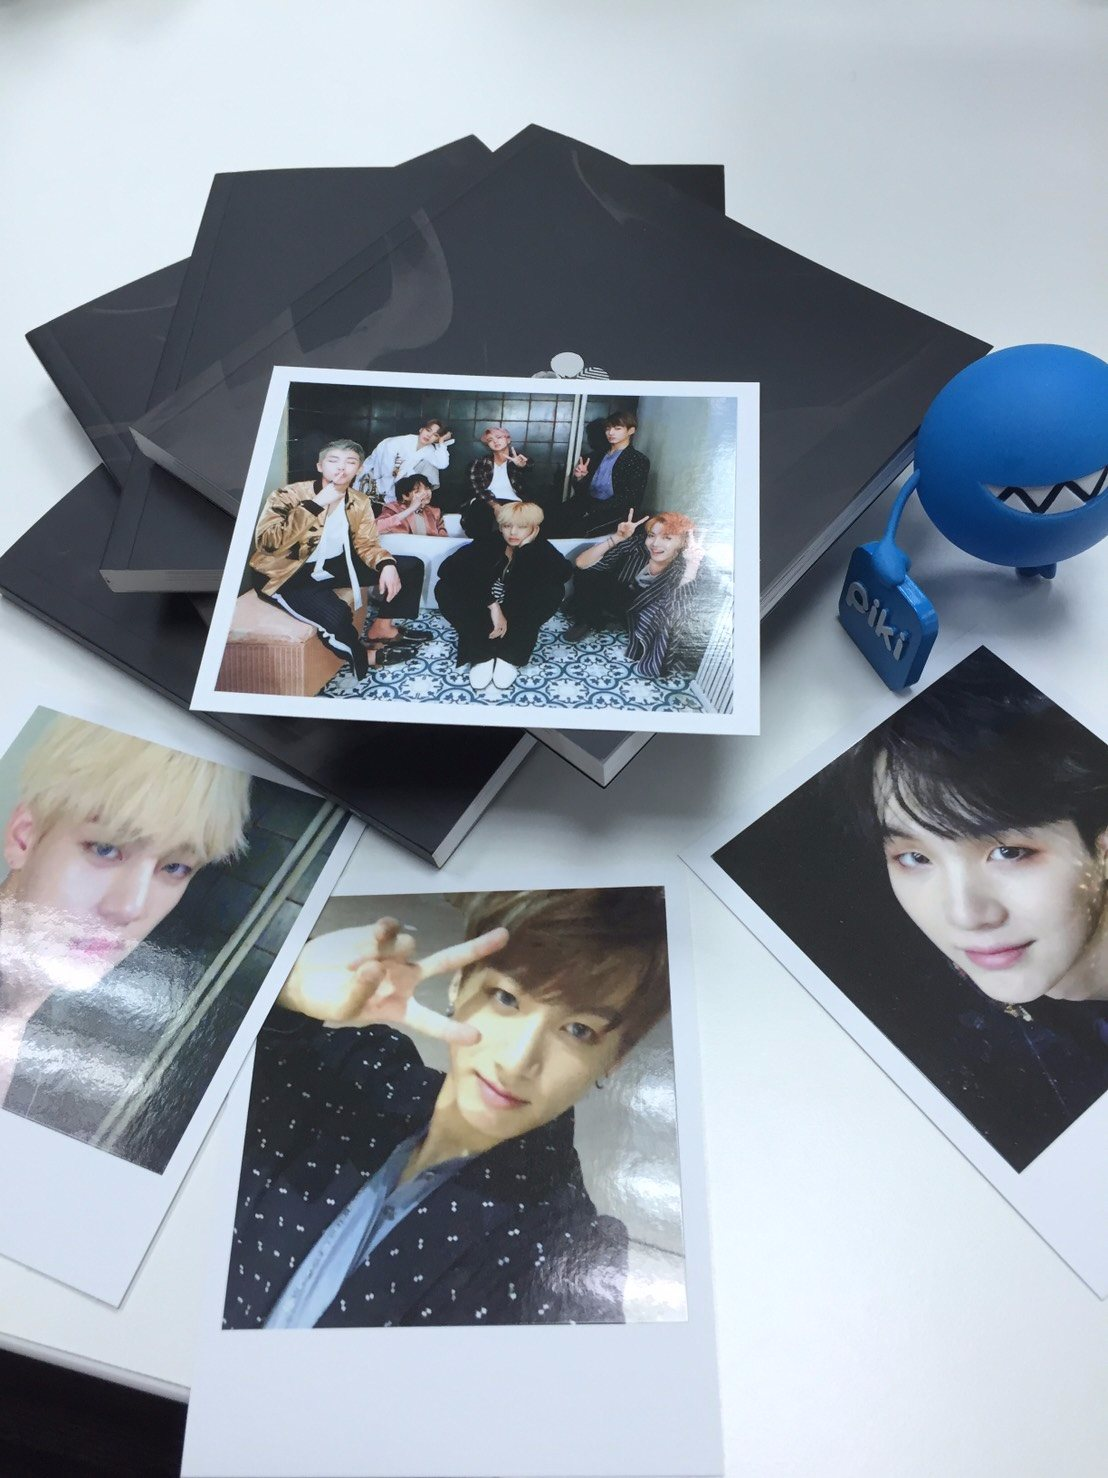 而且這次還是他們出道以來,首次收錄所有成員SOLO曲目的專輯,11/4號發行的台灣限定版專輯裡還會有成員的台版「限定」小卡,現在就來現一下「韓國版」的專輯中贈送的卡片